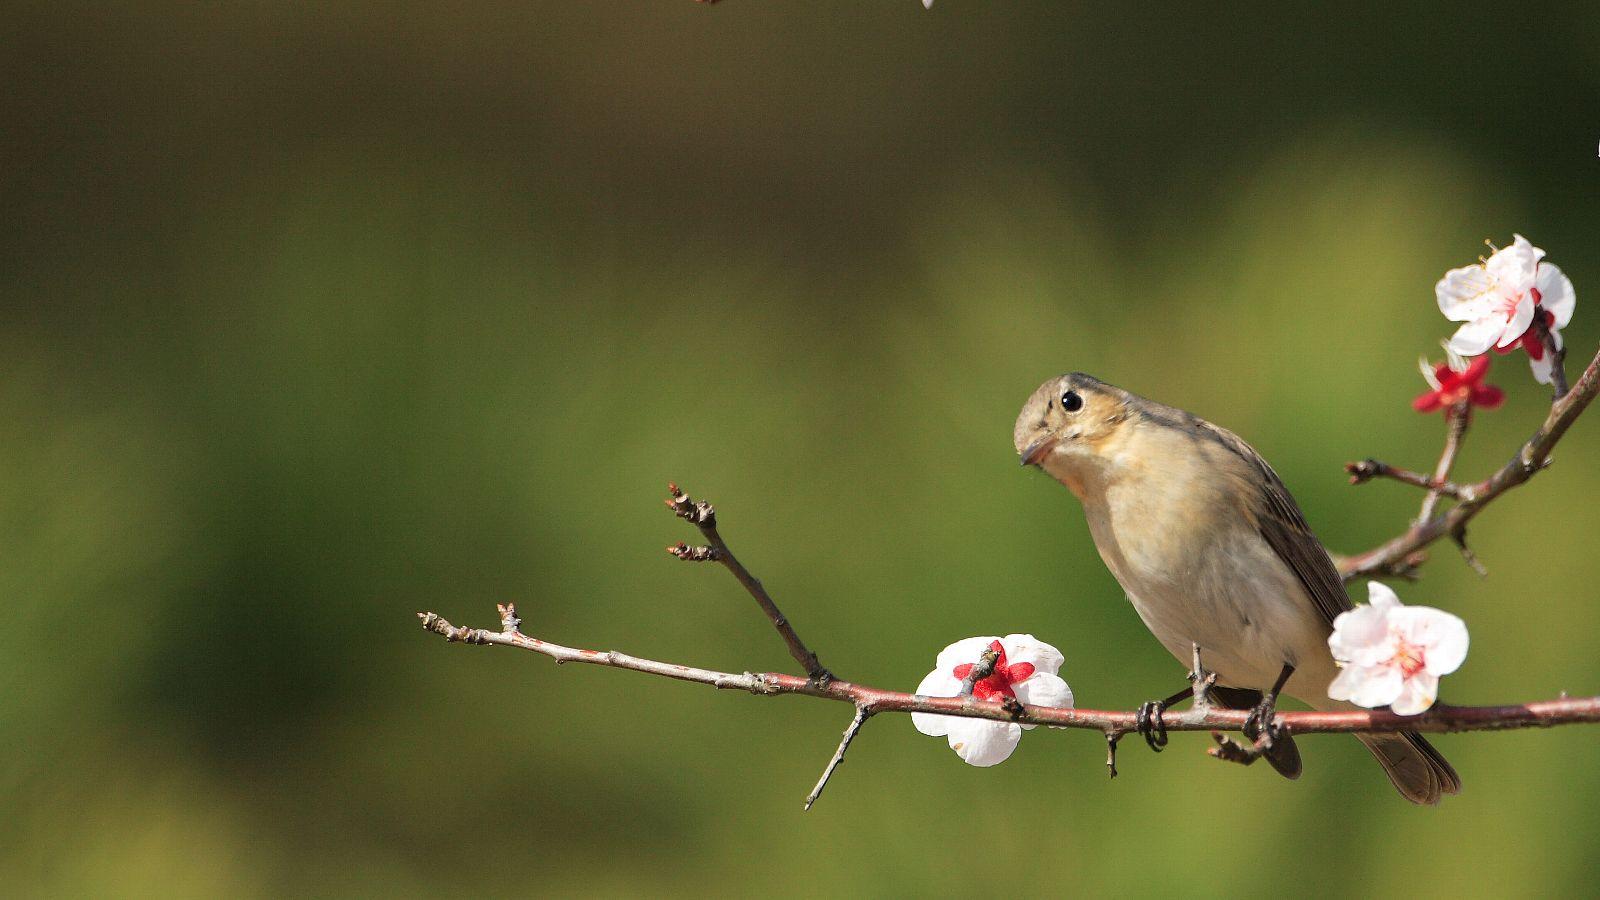 梅の花に止まった可愛いオジロたん_f0105570_22305576.jpg